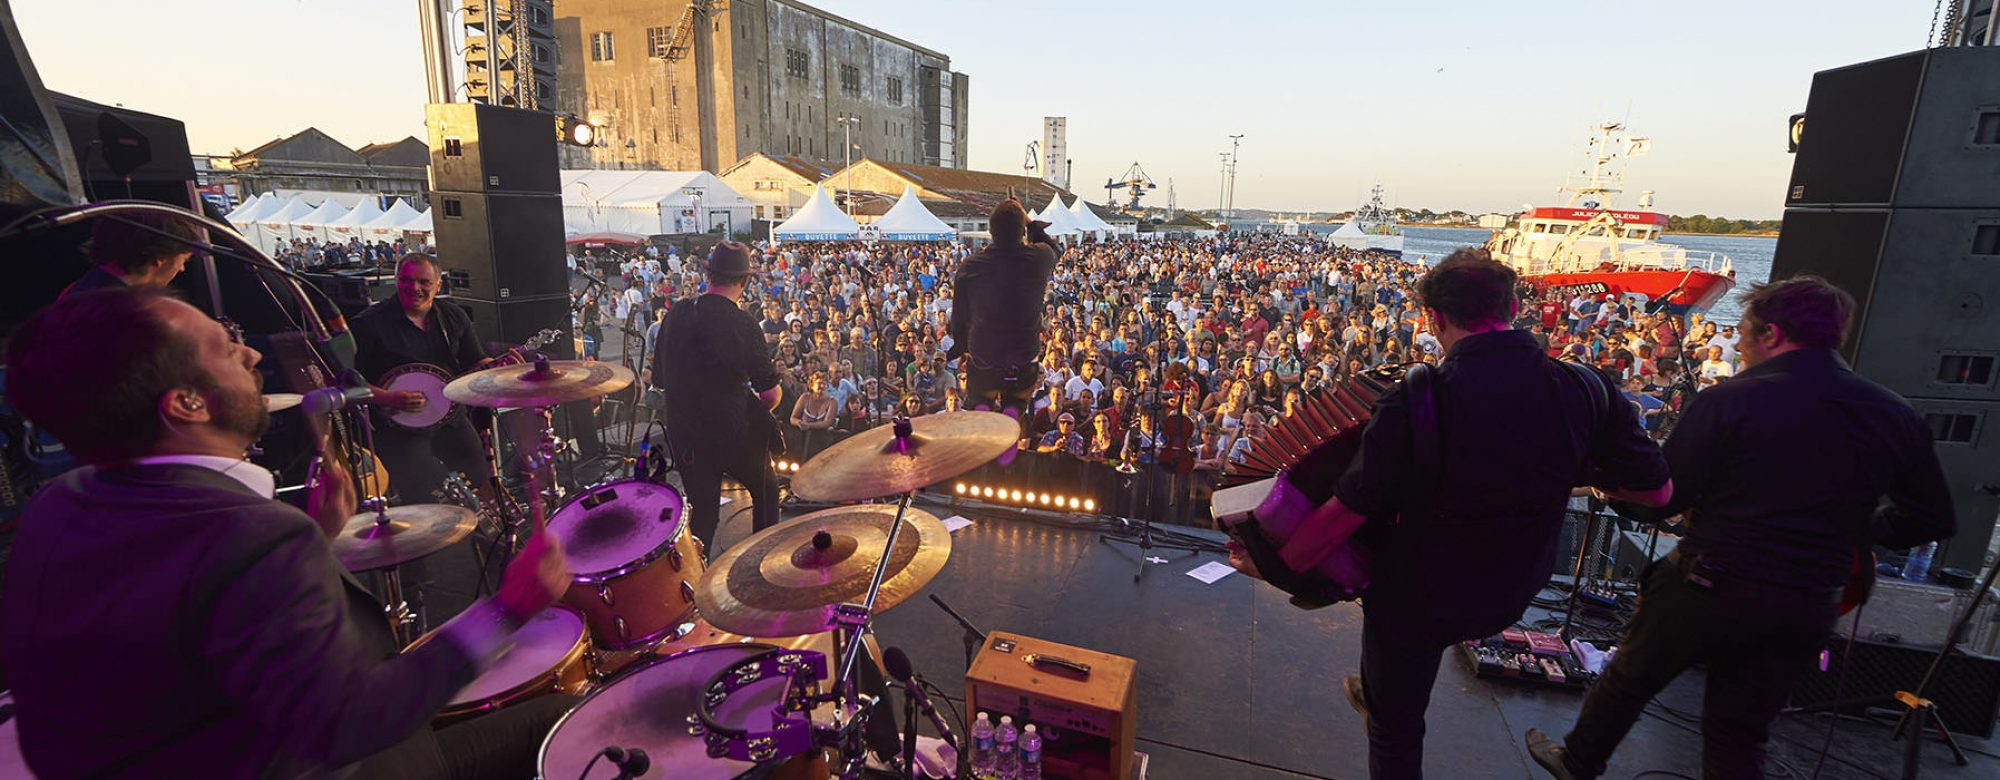 Concert à Lorient La Base lors de Ports en fête